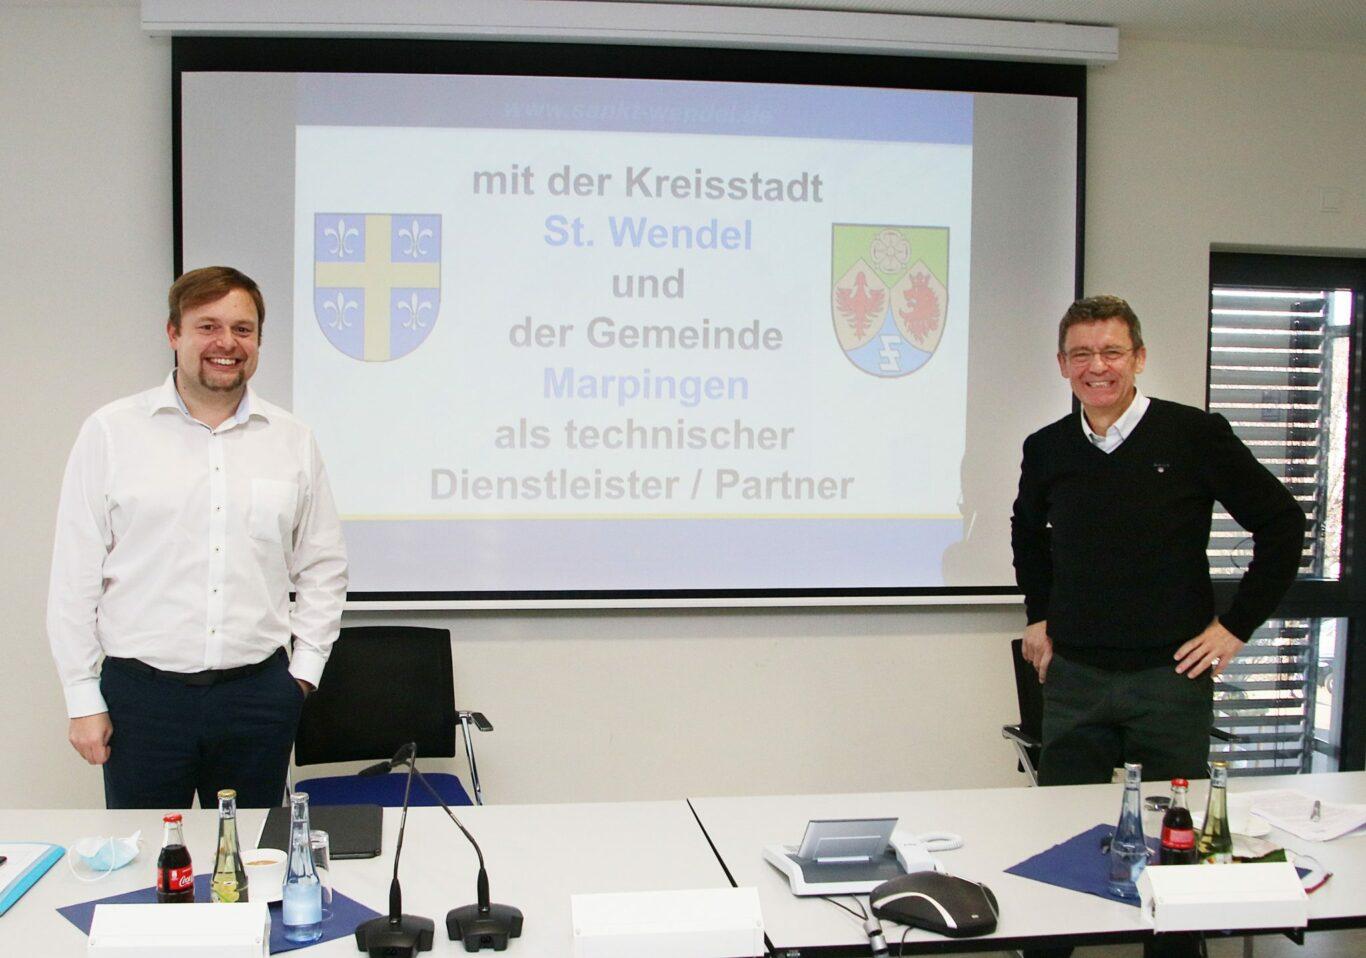 Marpingens Bürgermeister Volker Weber und St. Wendels Bürgermeister Peter Klär stellen das gemeinsame Rechenzentrum vor.